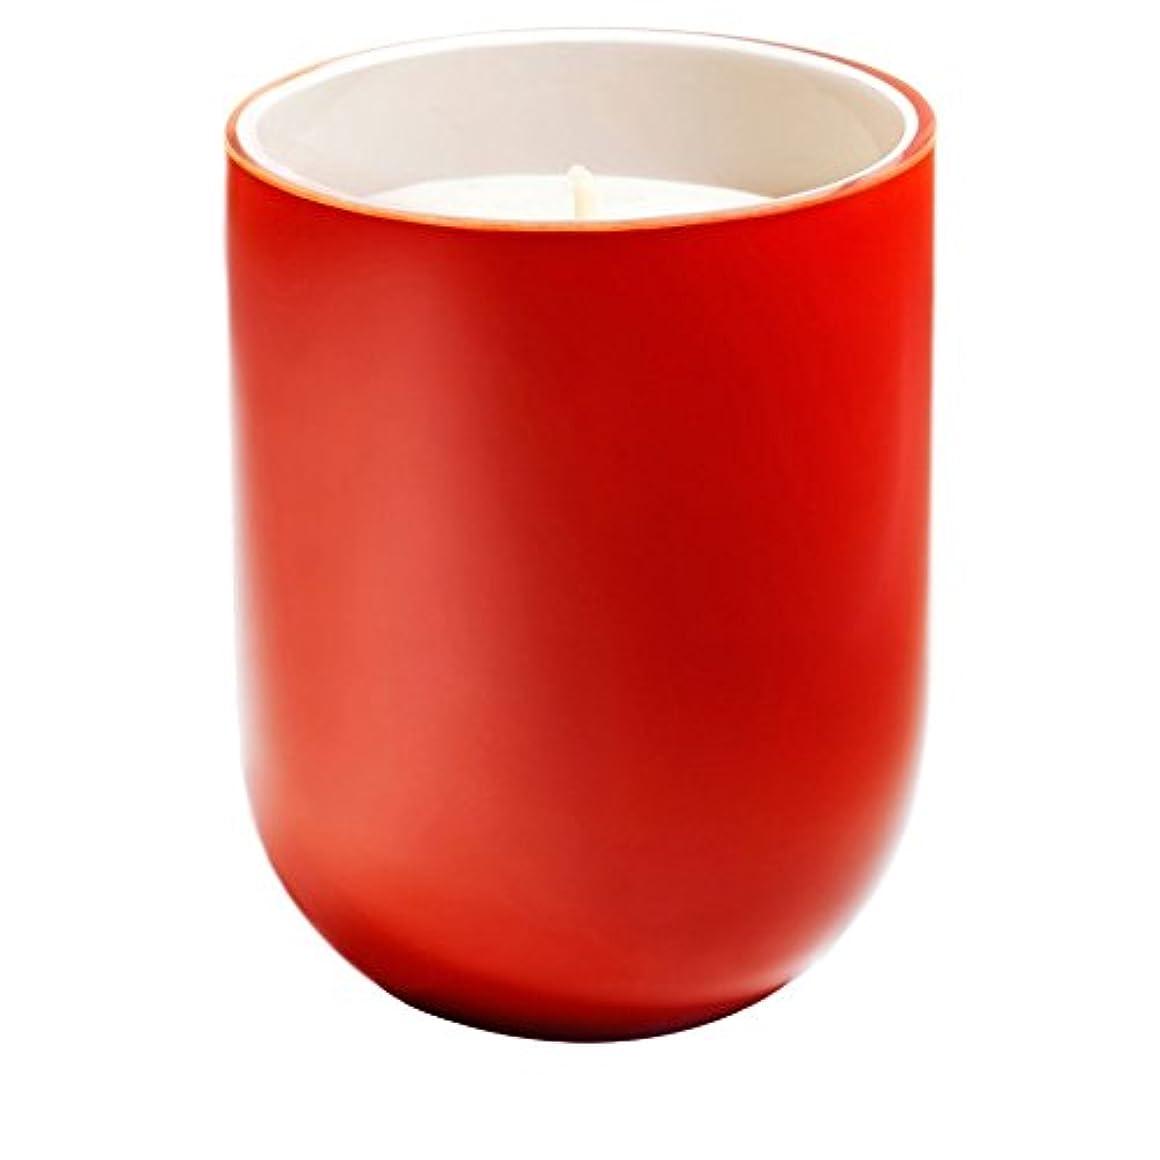 気味の悪いドーム仮称フレデリック?マルロシアの夜香りのキャンドル x6 - Frederic Malle Russian Night Scented Candle (Pack of 6) [並行輸入品]